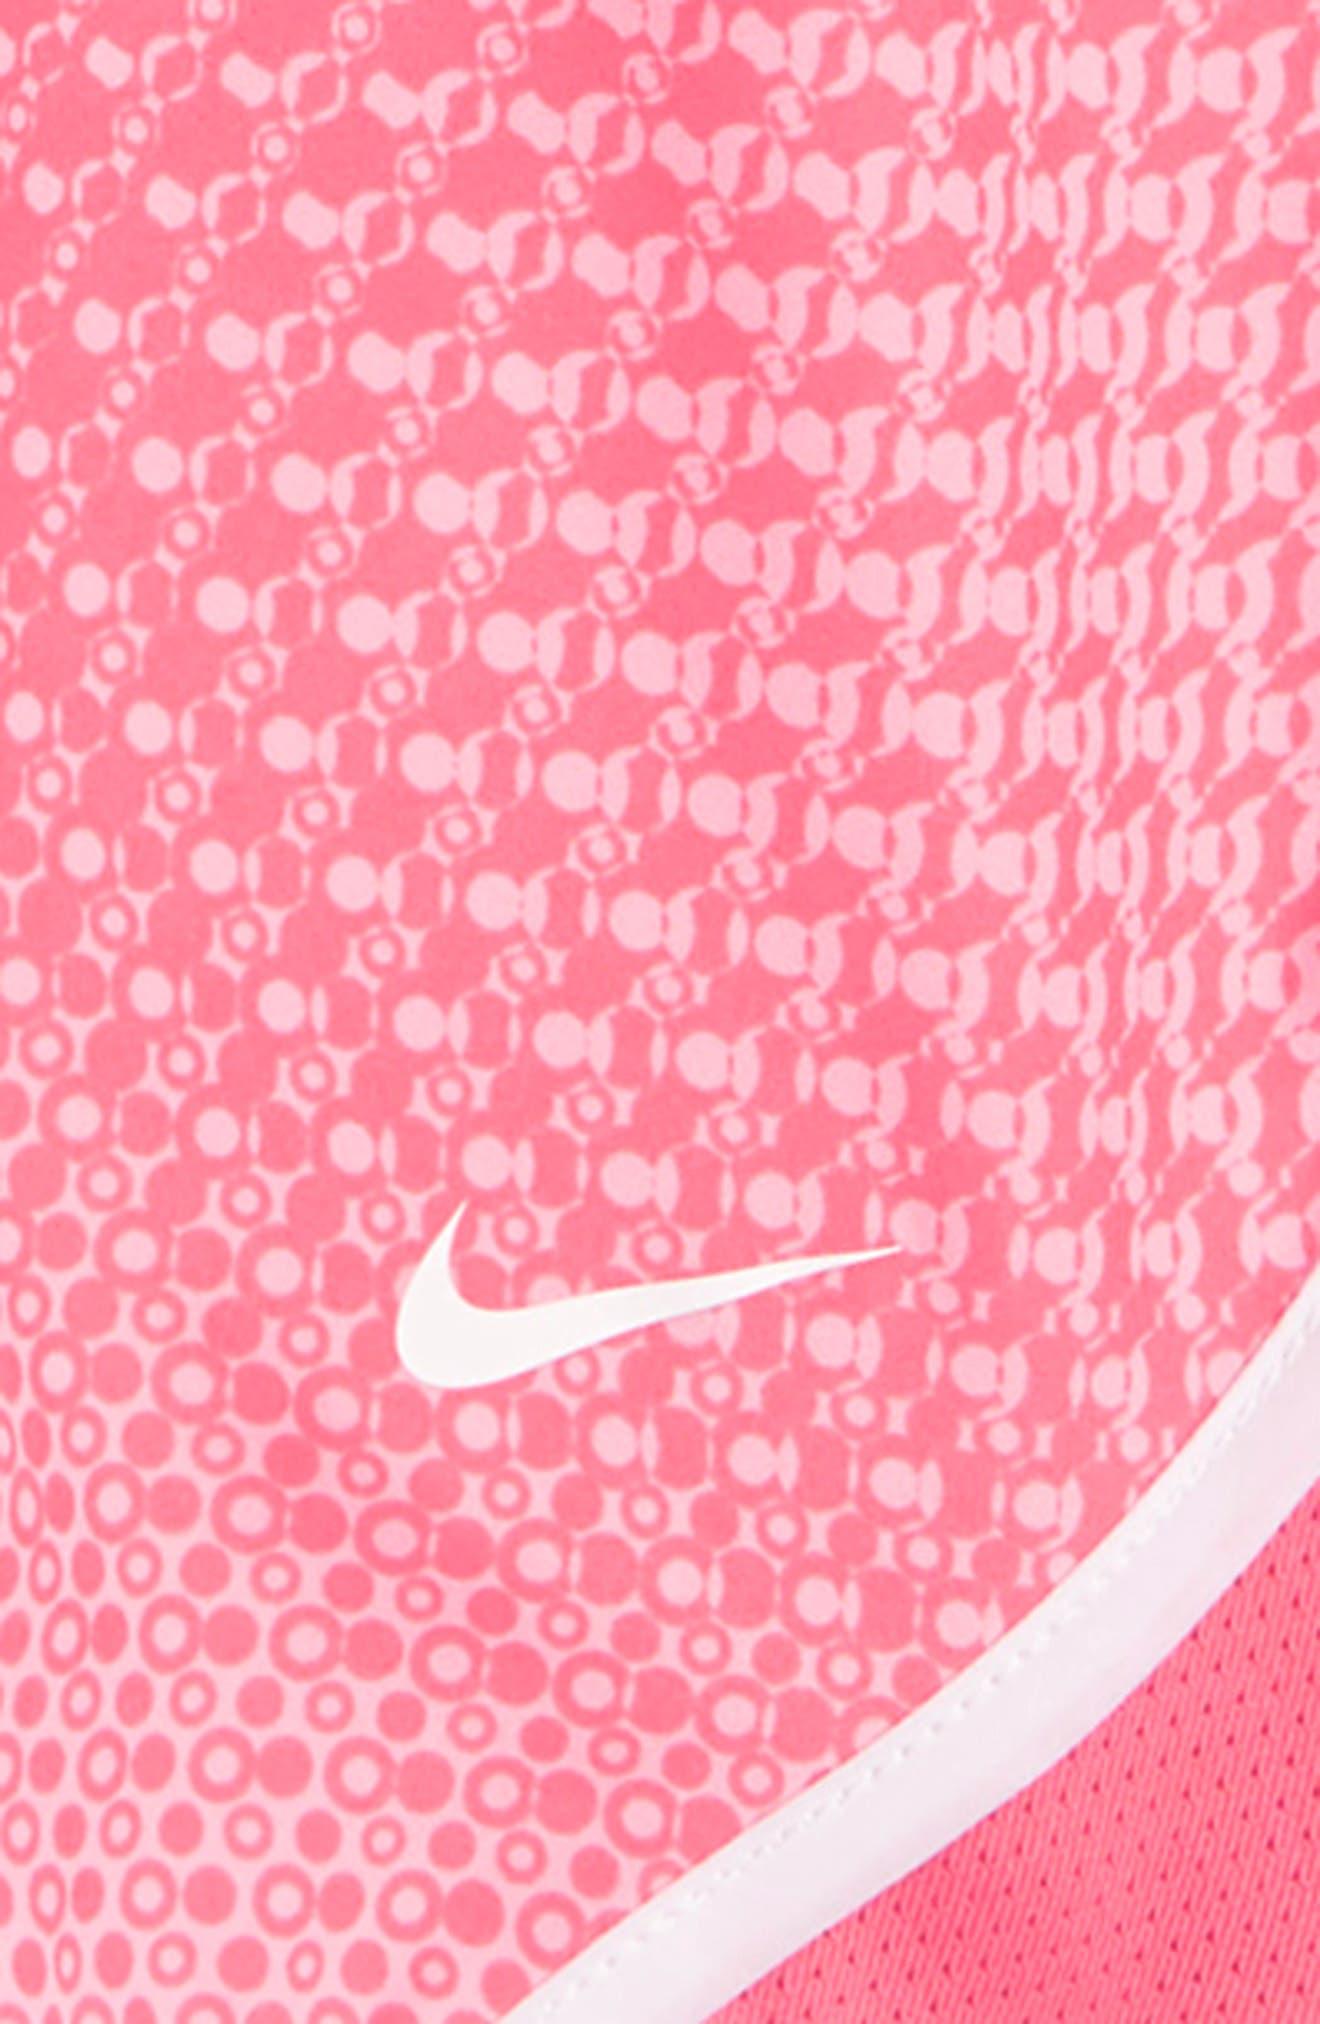 Dry Tempo Shorts,                             Alternate thumbnail 3, color,                             PINK NEBULA/ WHITE